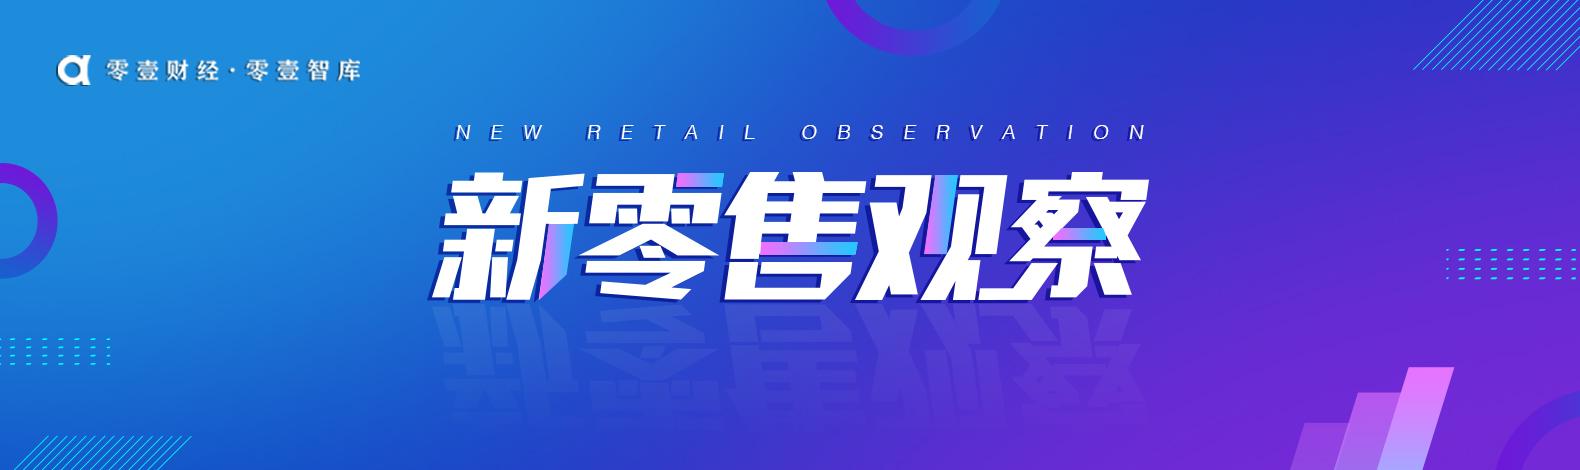 新零售观察